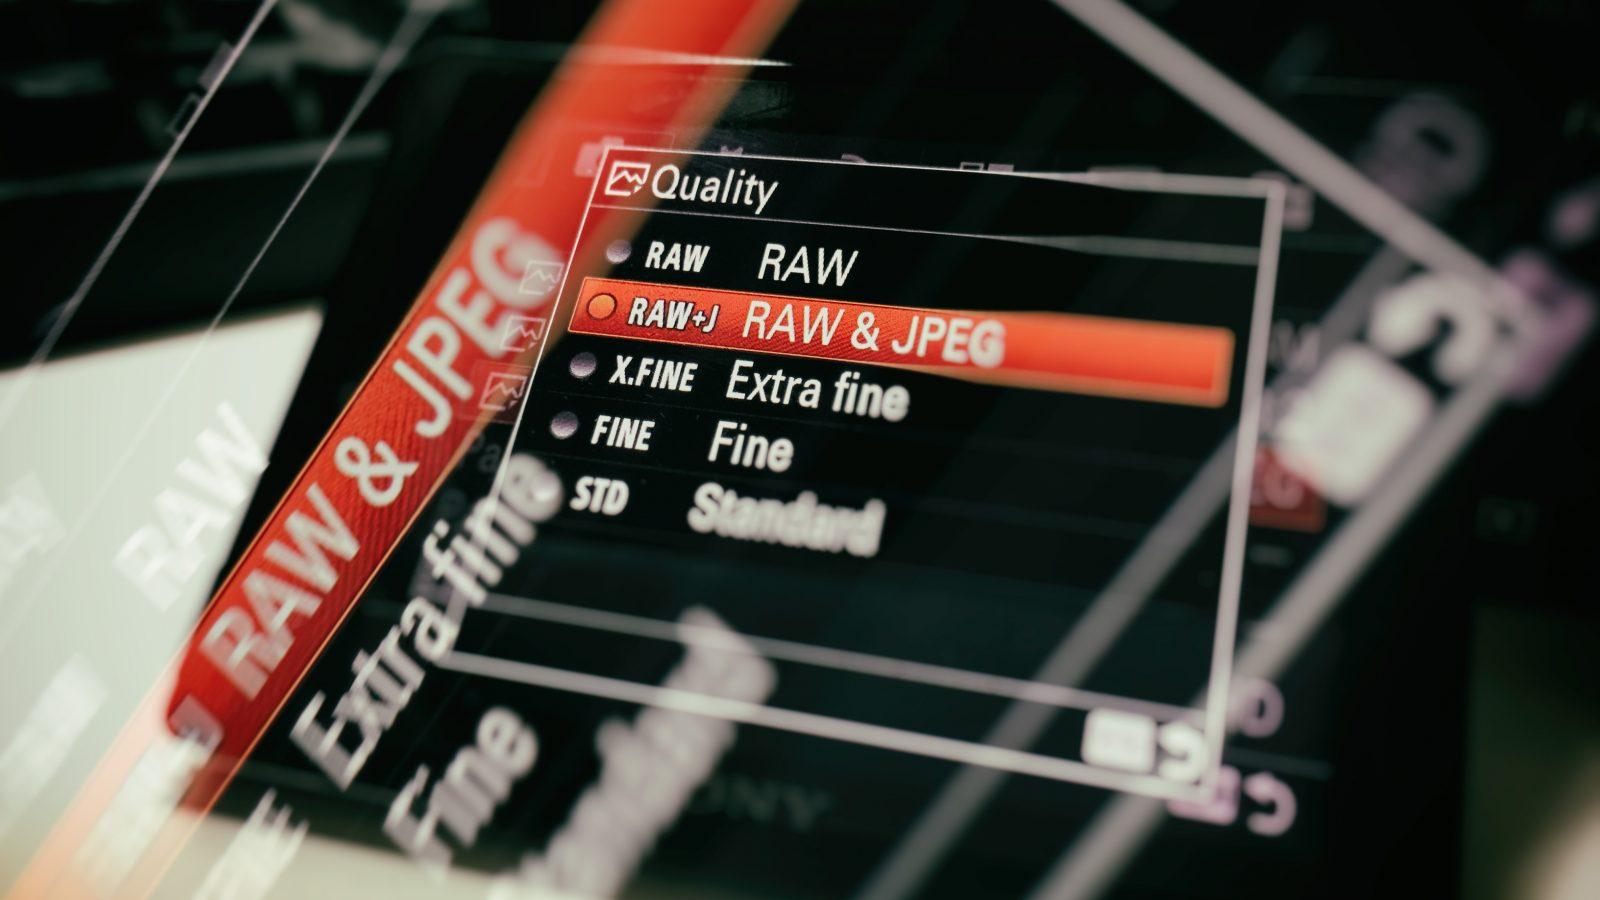 Định dạng ảnh RAW là gì và tại sao chúng ta cần RAW | 50mm Vietnam